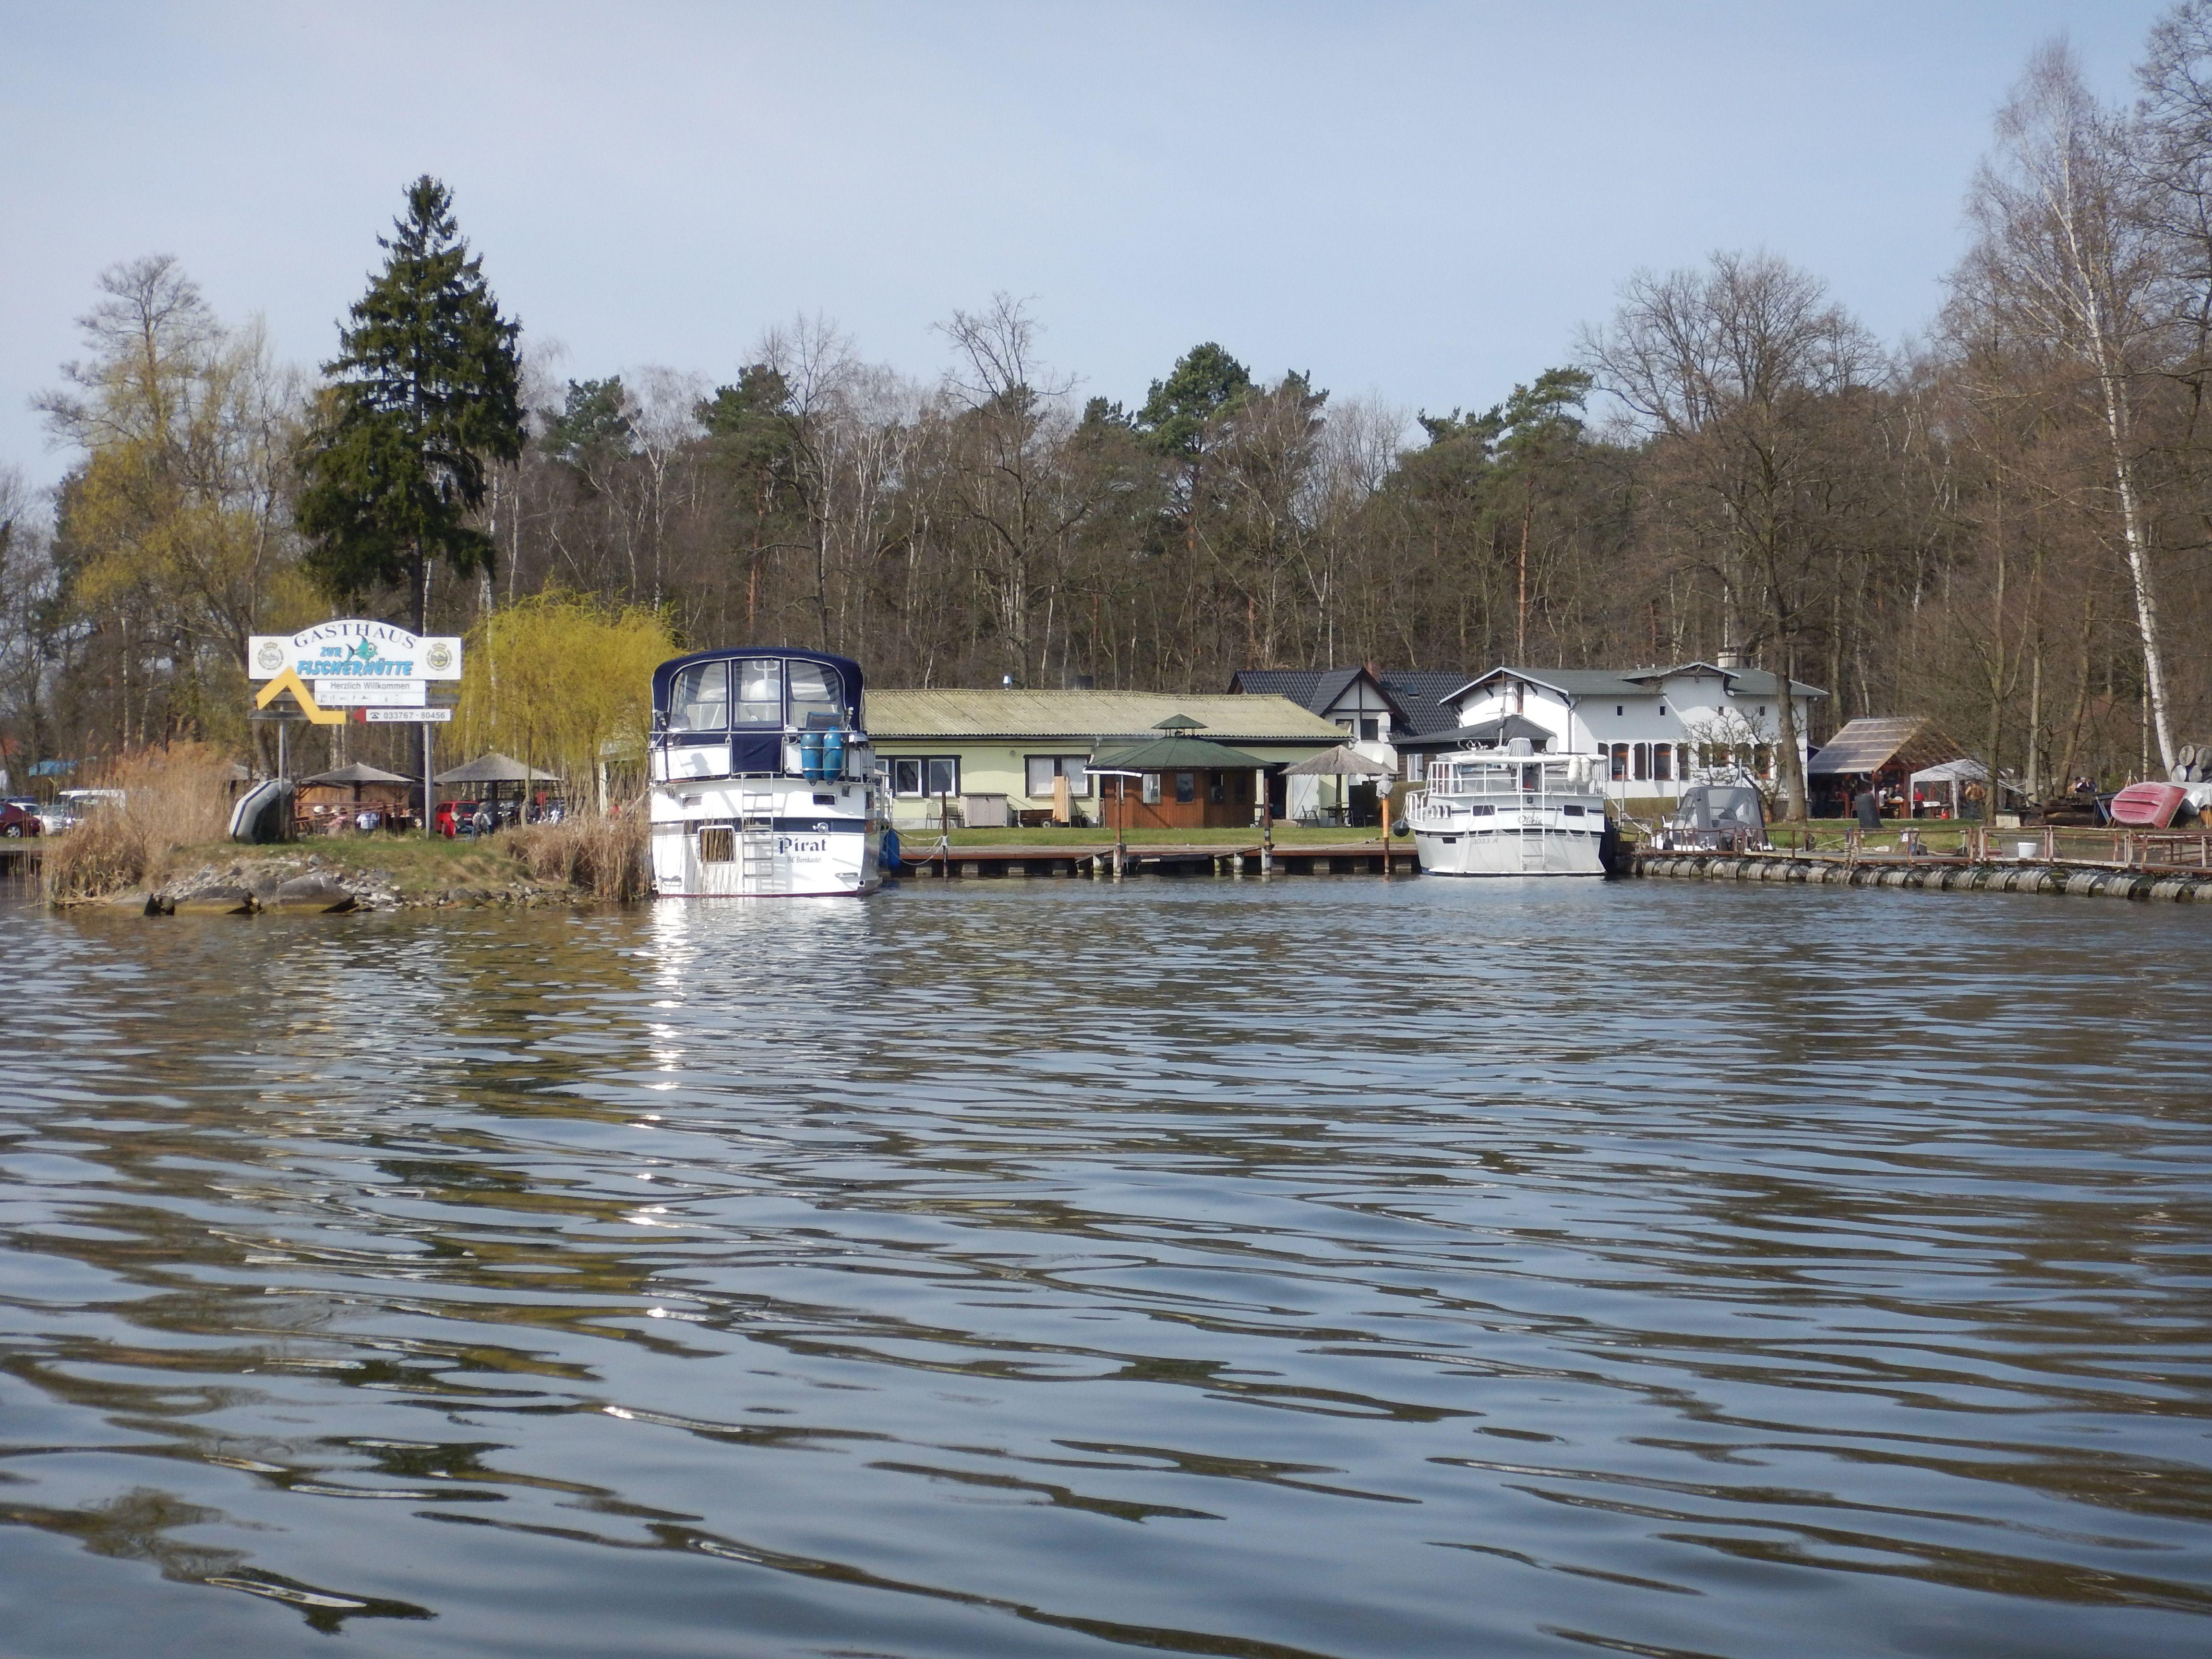 Zur Fischerhütte Blossin